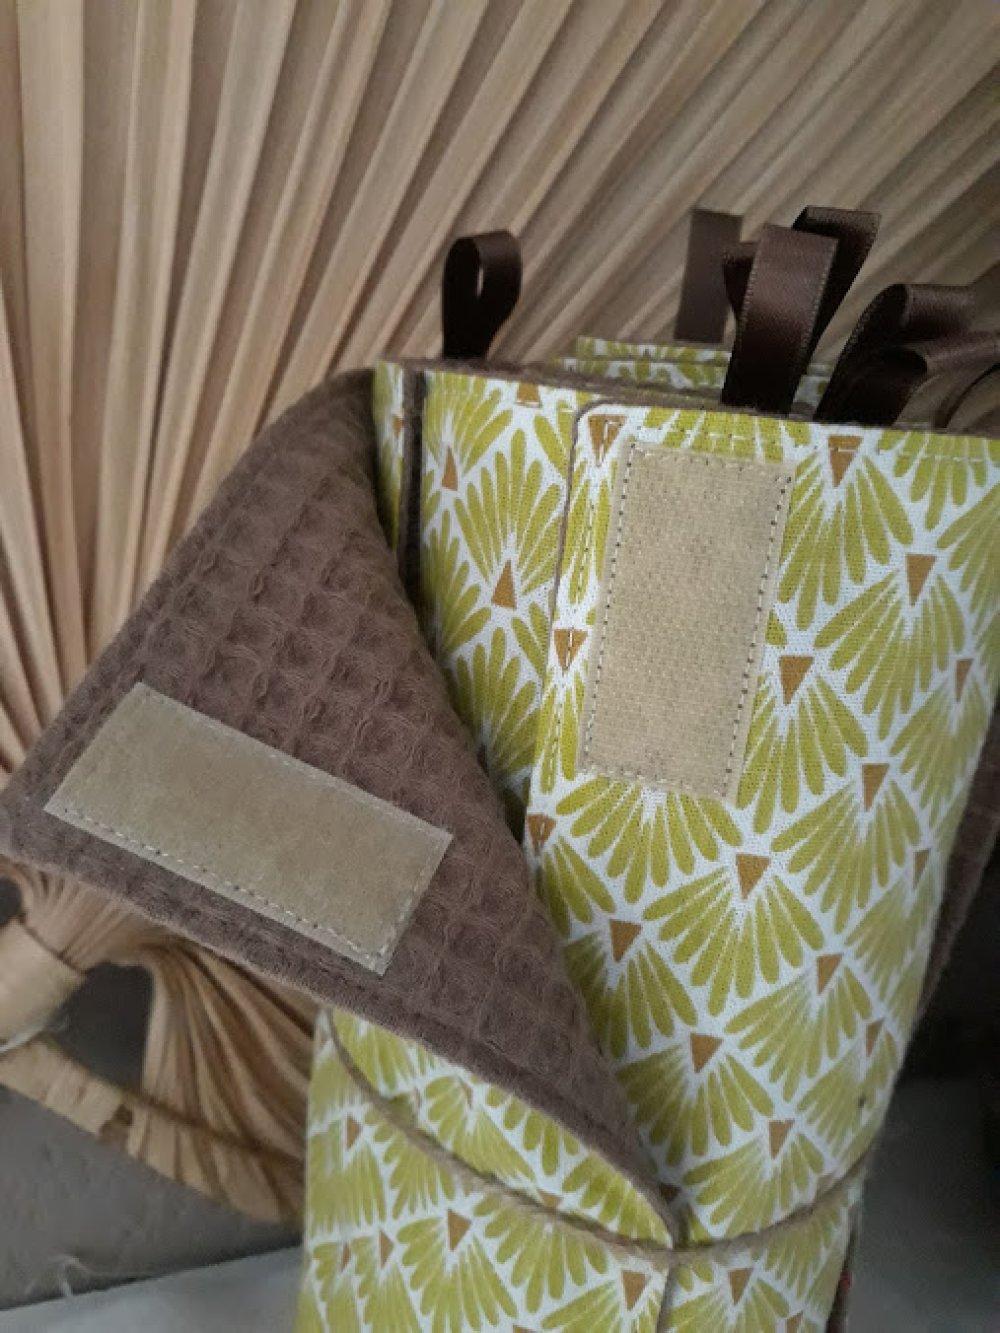 essuie -tout lavable  réutilisable 10 feuilles en coton nid d'abeilles caramel et coton fantaisie oeko-tex et finition parfaites FAIT MAIN